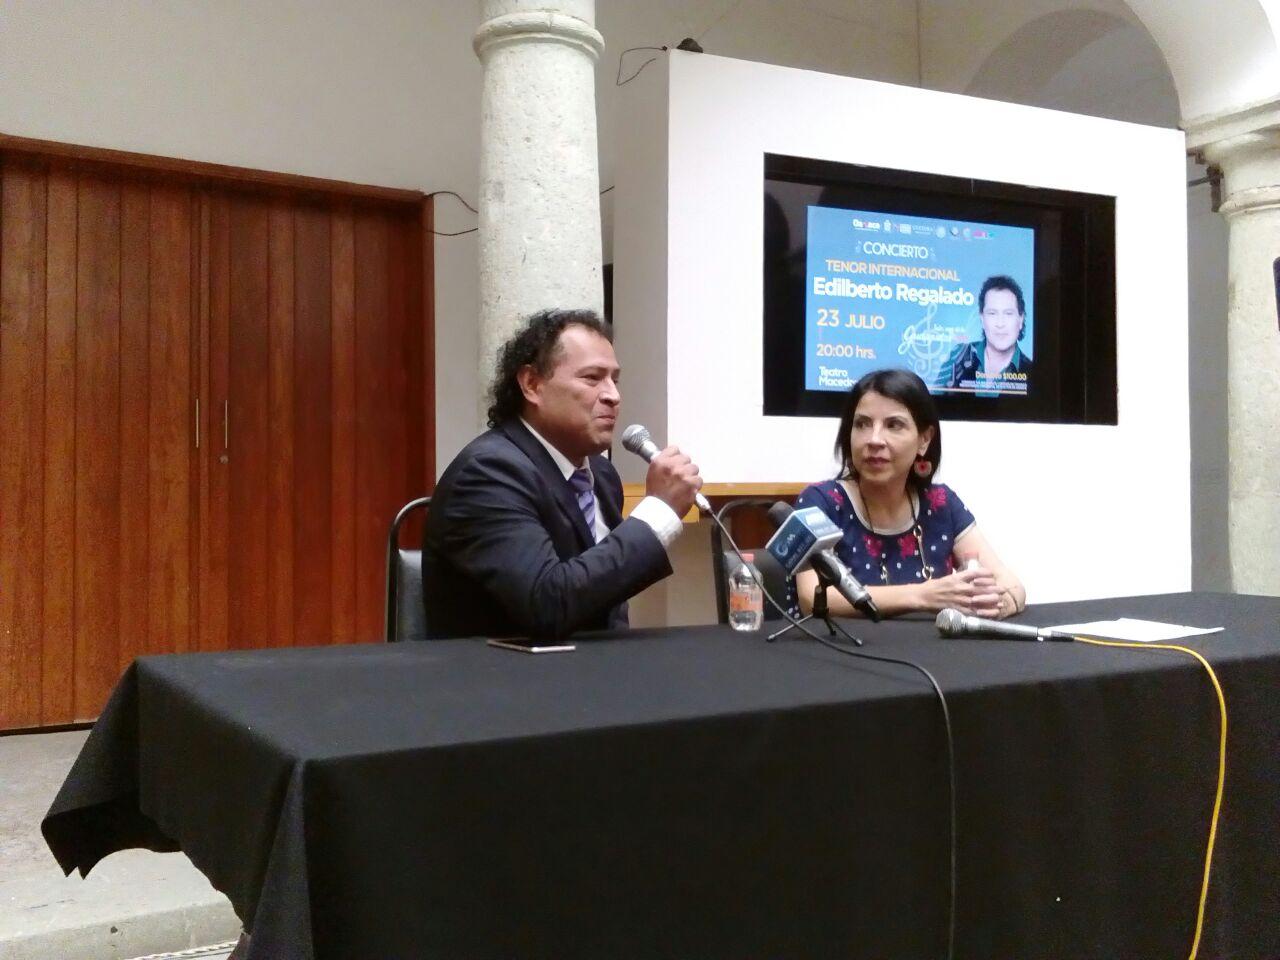 Cantará en el Alcalá el tenor internacional Edilberto Regalado | El Imparcial de Oaxaca